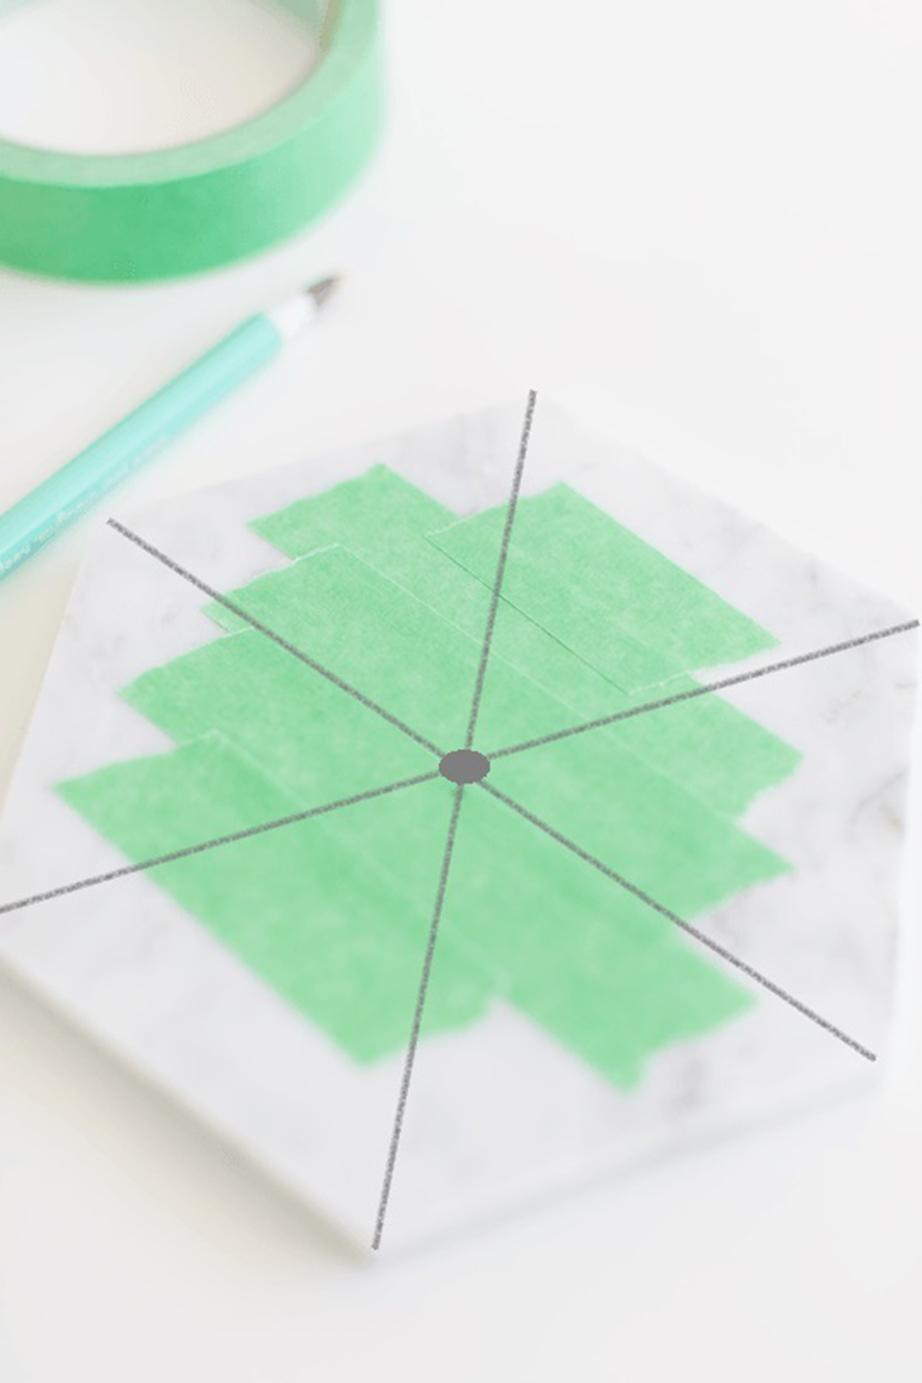 Ενώστε τις αντικριστές γωνίες μεταξύ τους τραβώντας ευθείες γραμμές με το μολύβι και τη βοήθεια του χάρακα.